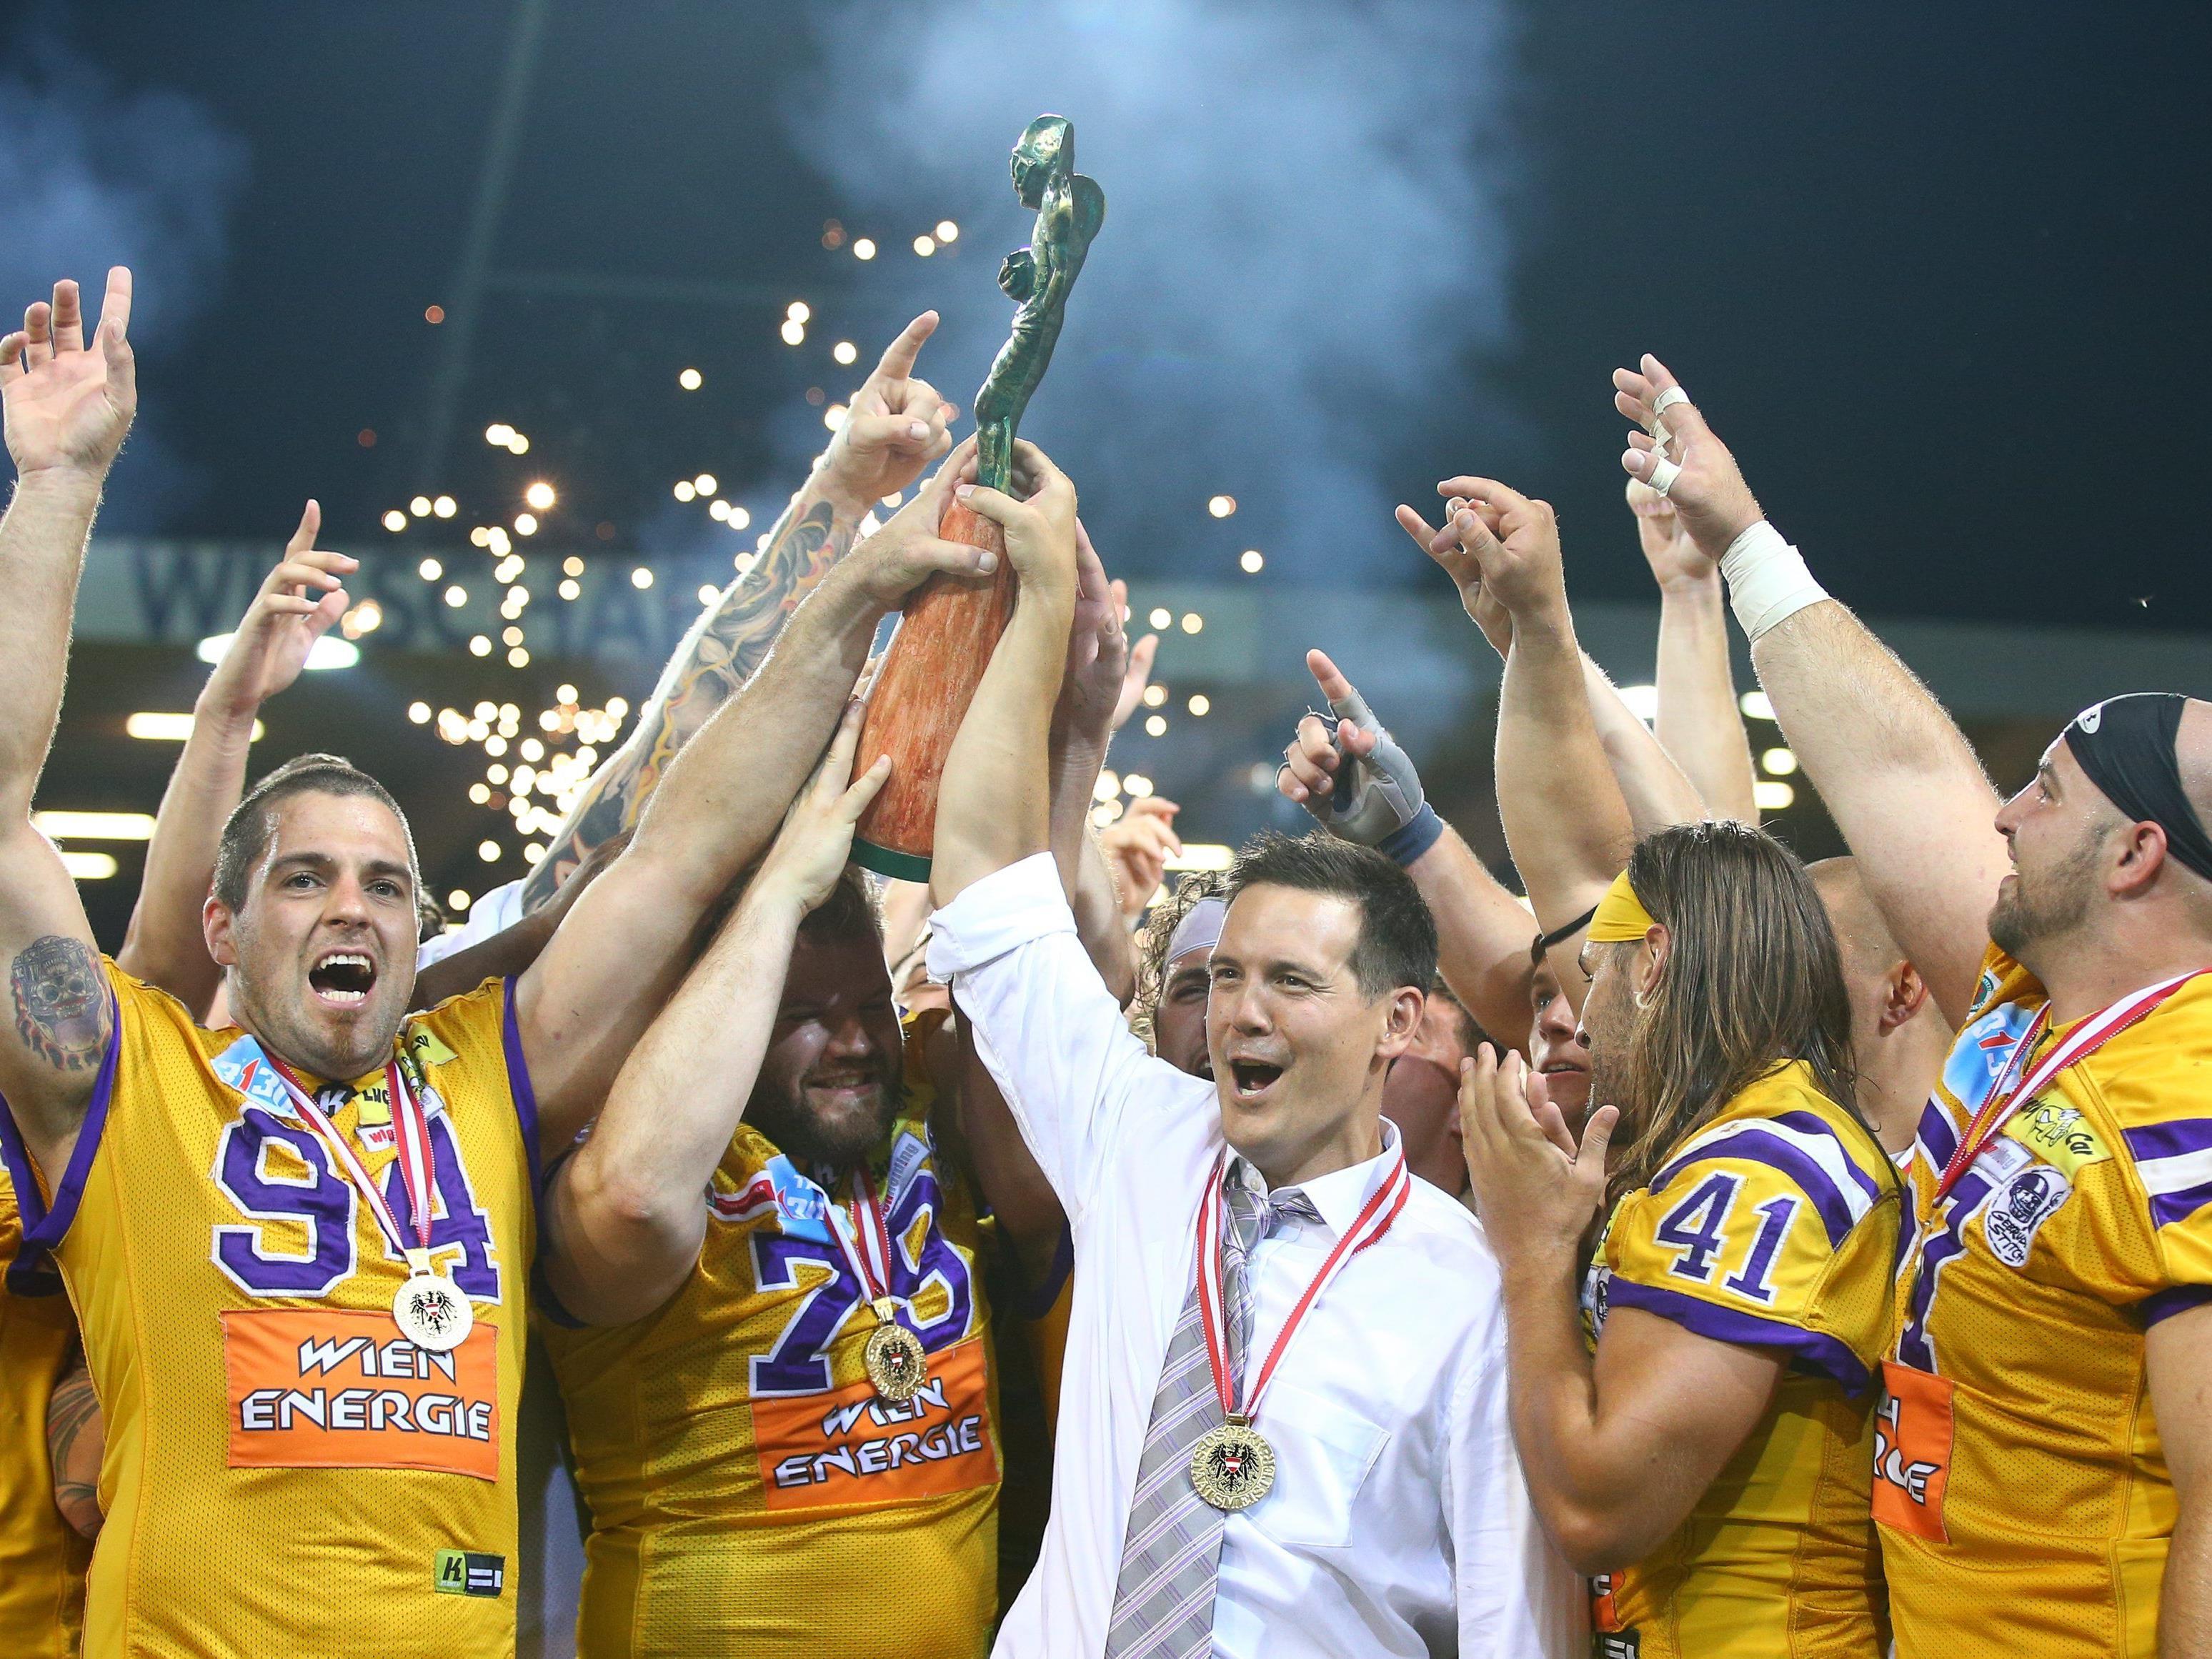 Die Vienna Vikings legen den Fokus auf den vierten Titelgewinn in Folge.